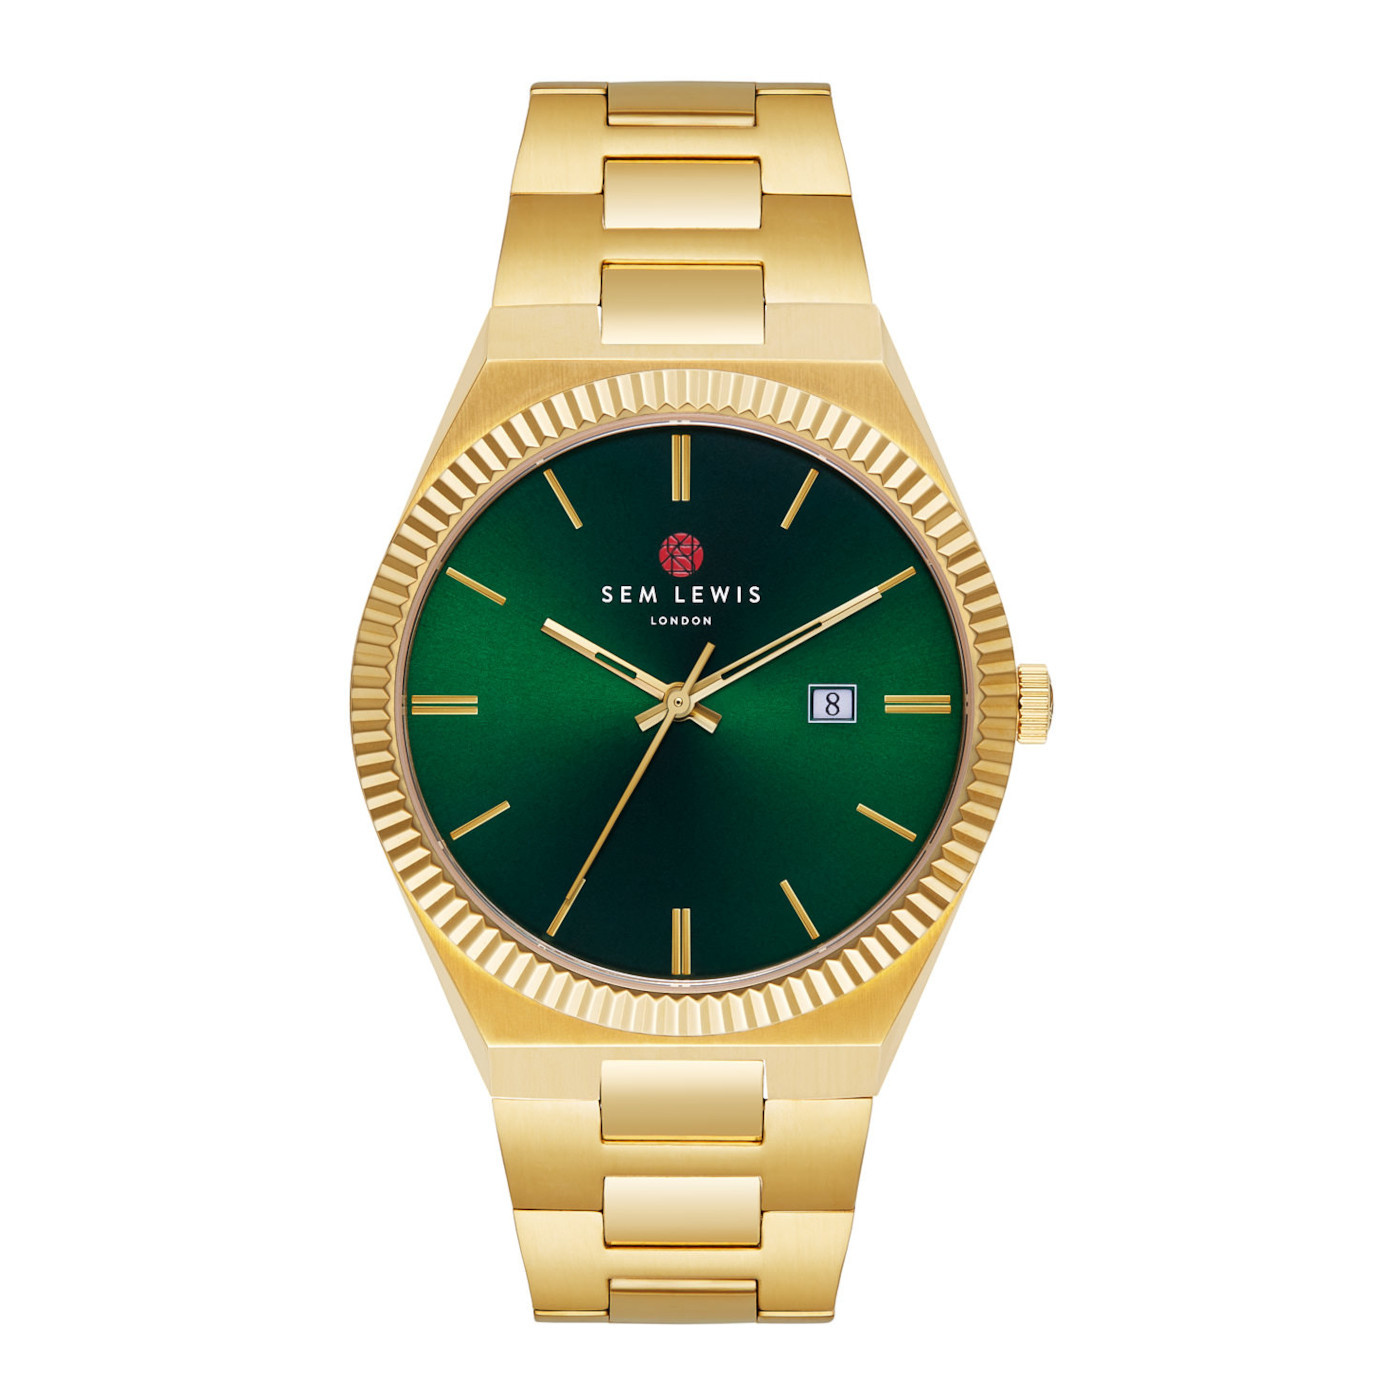 Sem Lewis Aldgate klocka guldfärgad och grön